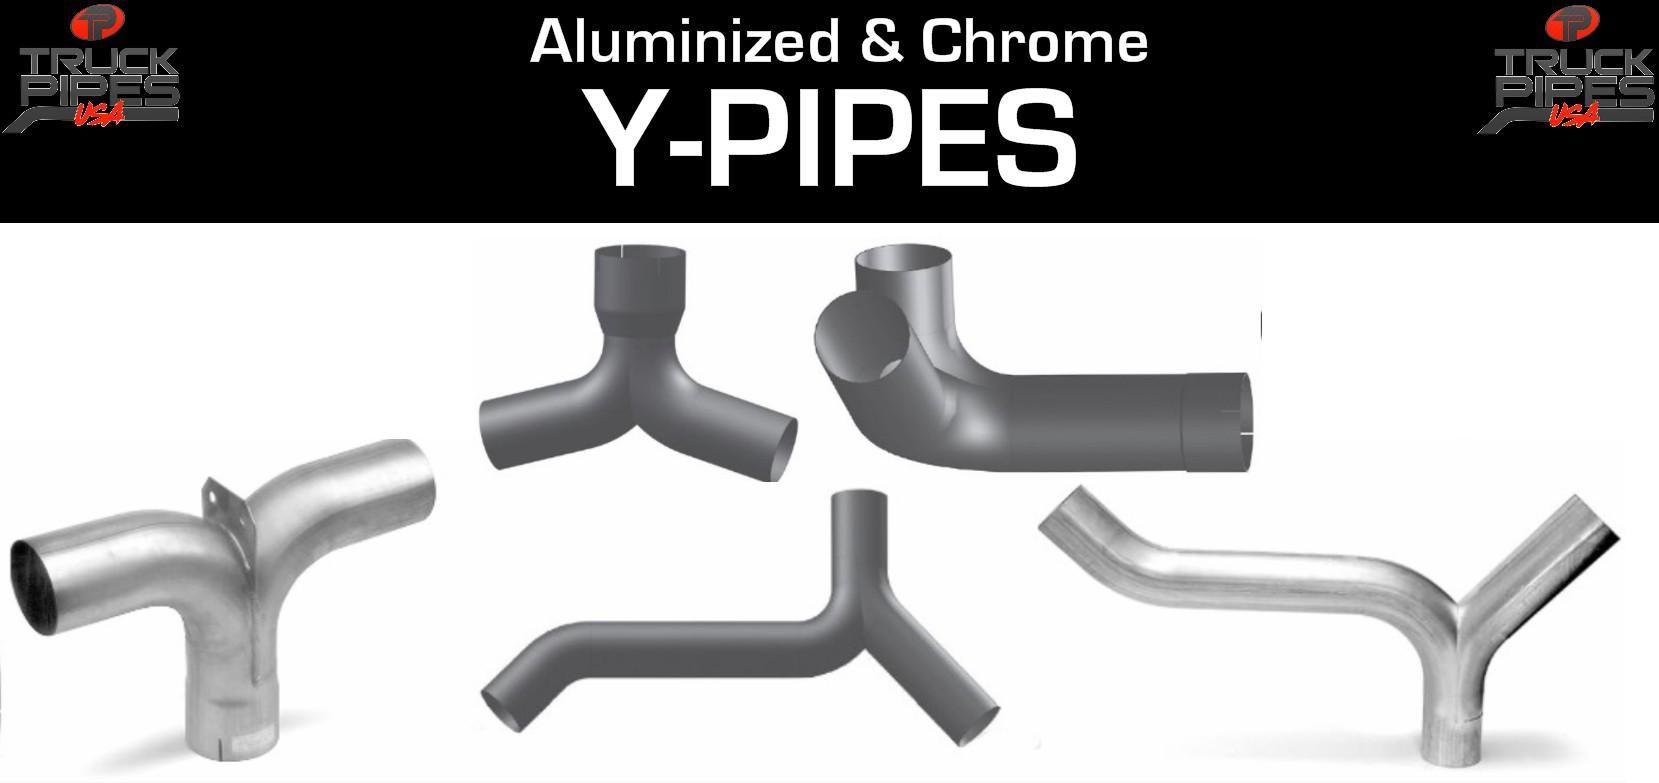 y-pipes.jpg